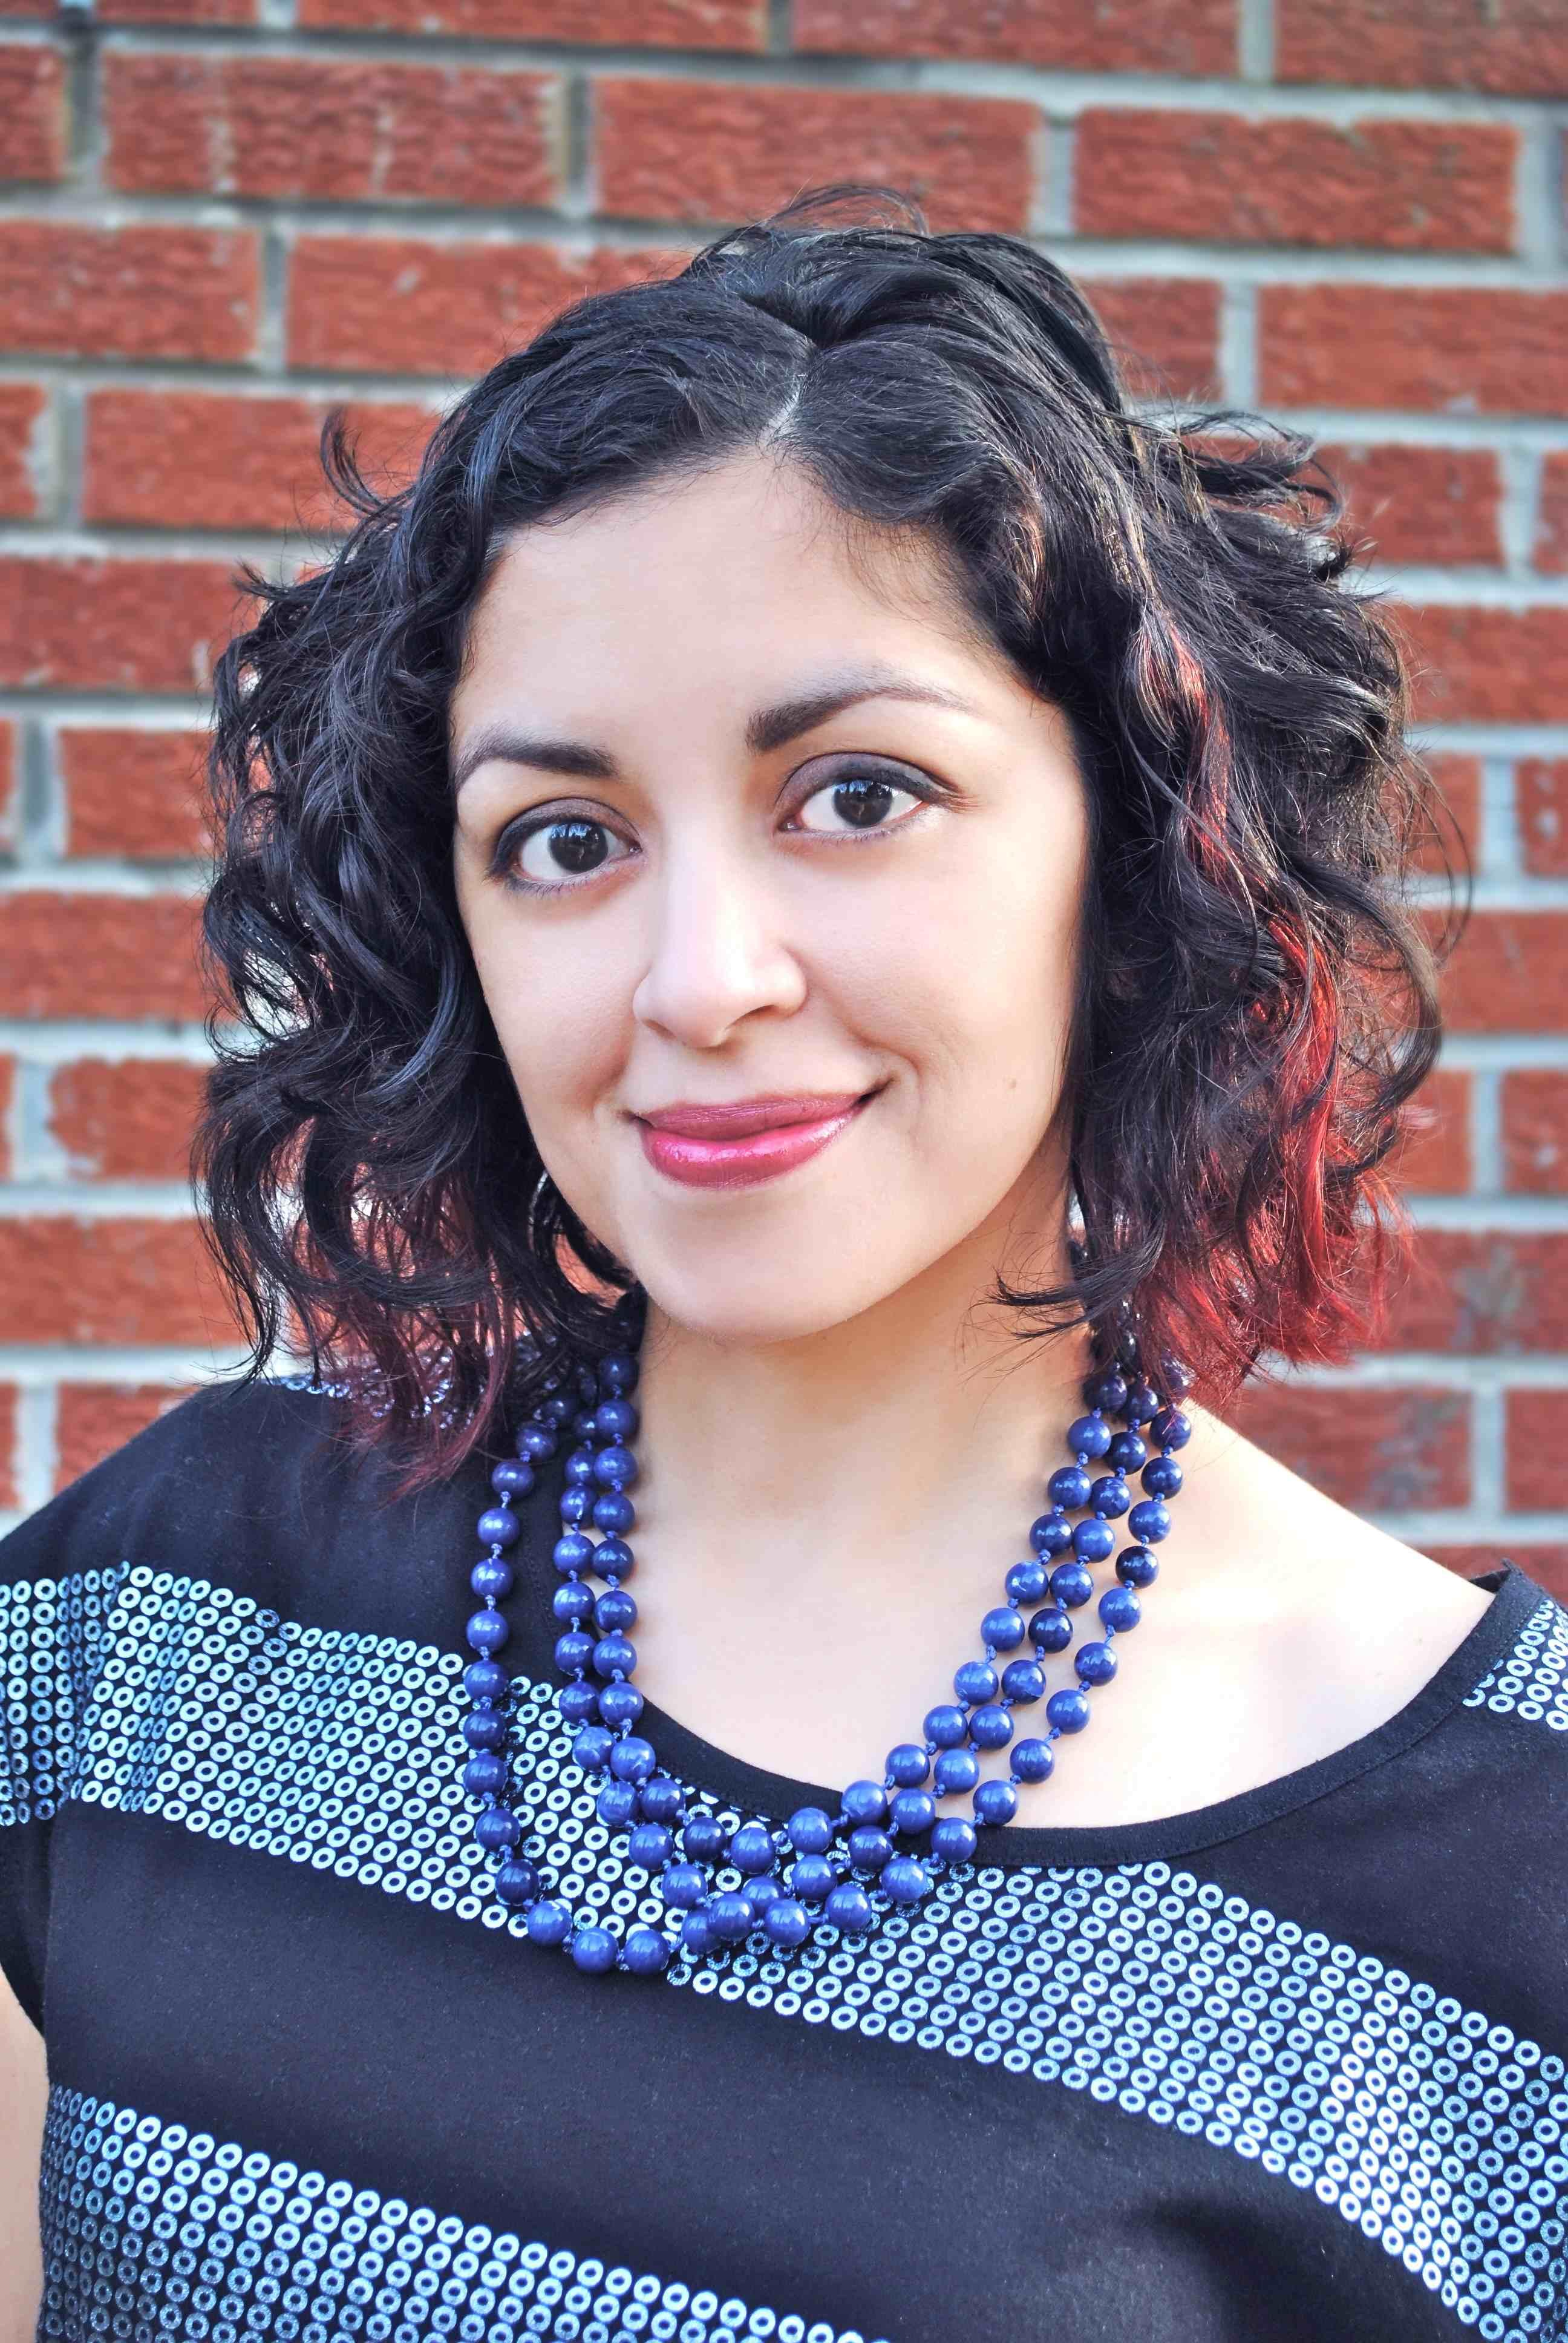 Aimee Nezhukumatathil poet